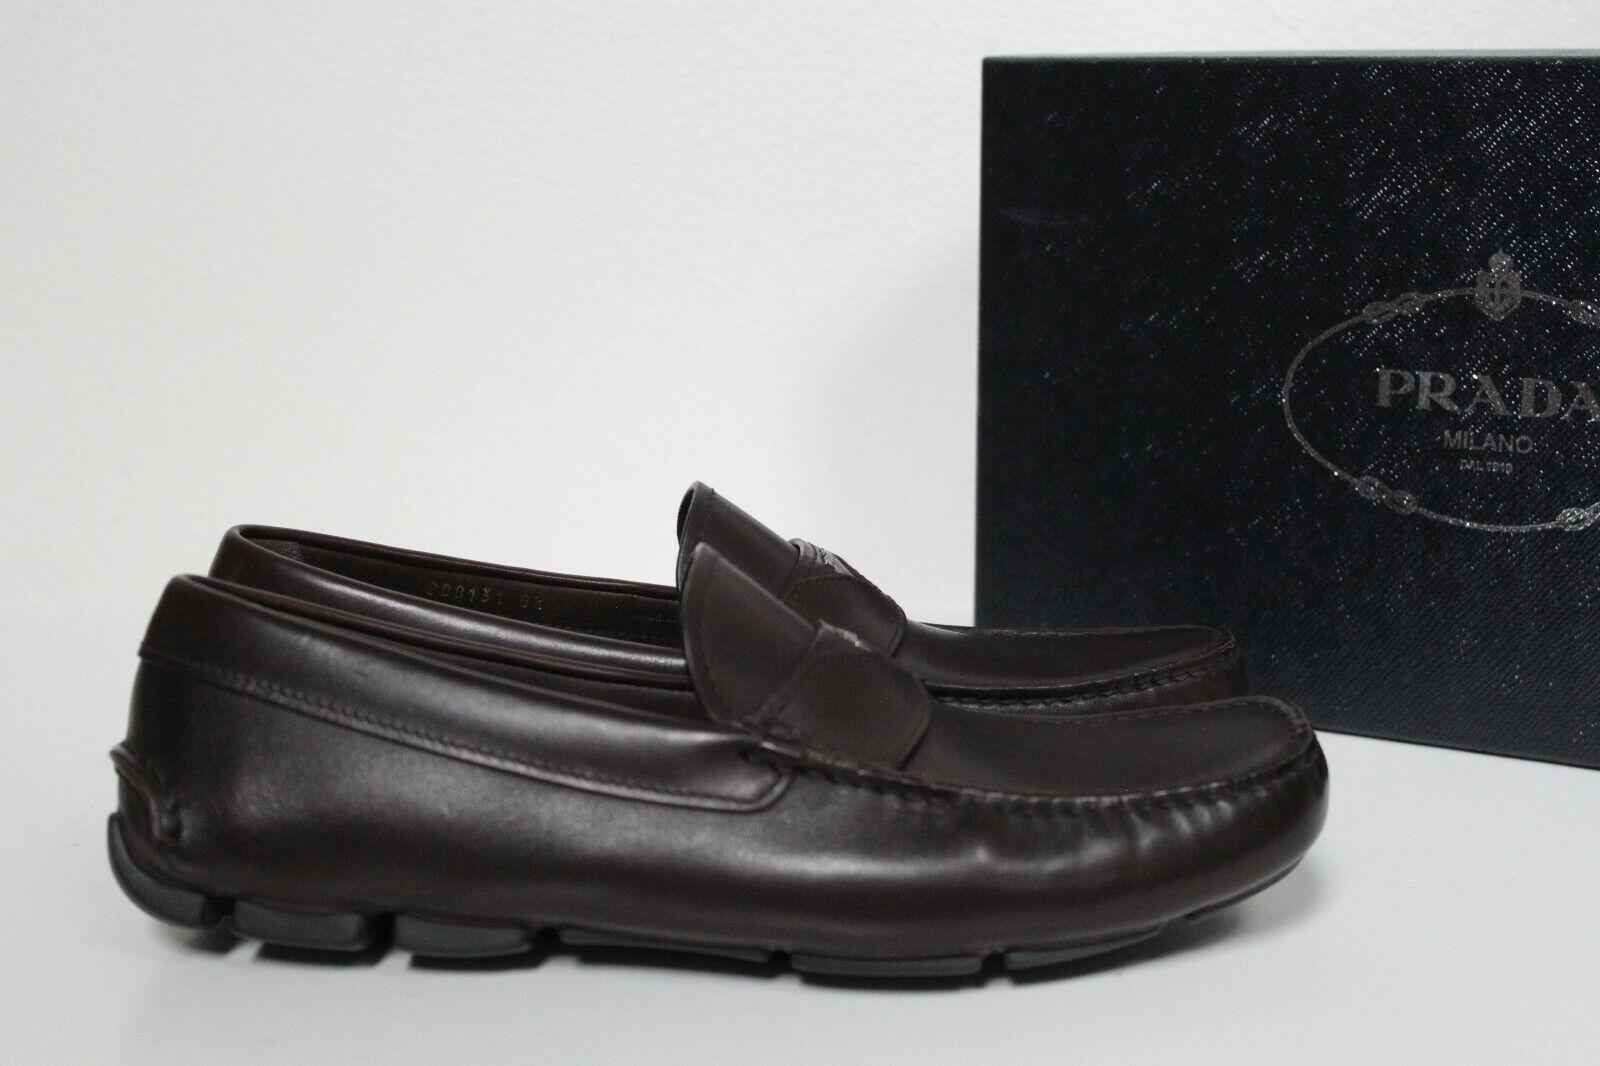 New sz 9.5 US   8.5 UK Prada Slip on Marronee Leather Driving Loafer MEN Dress scarpe